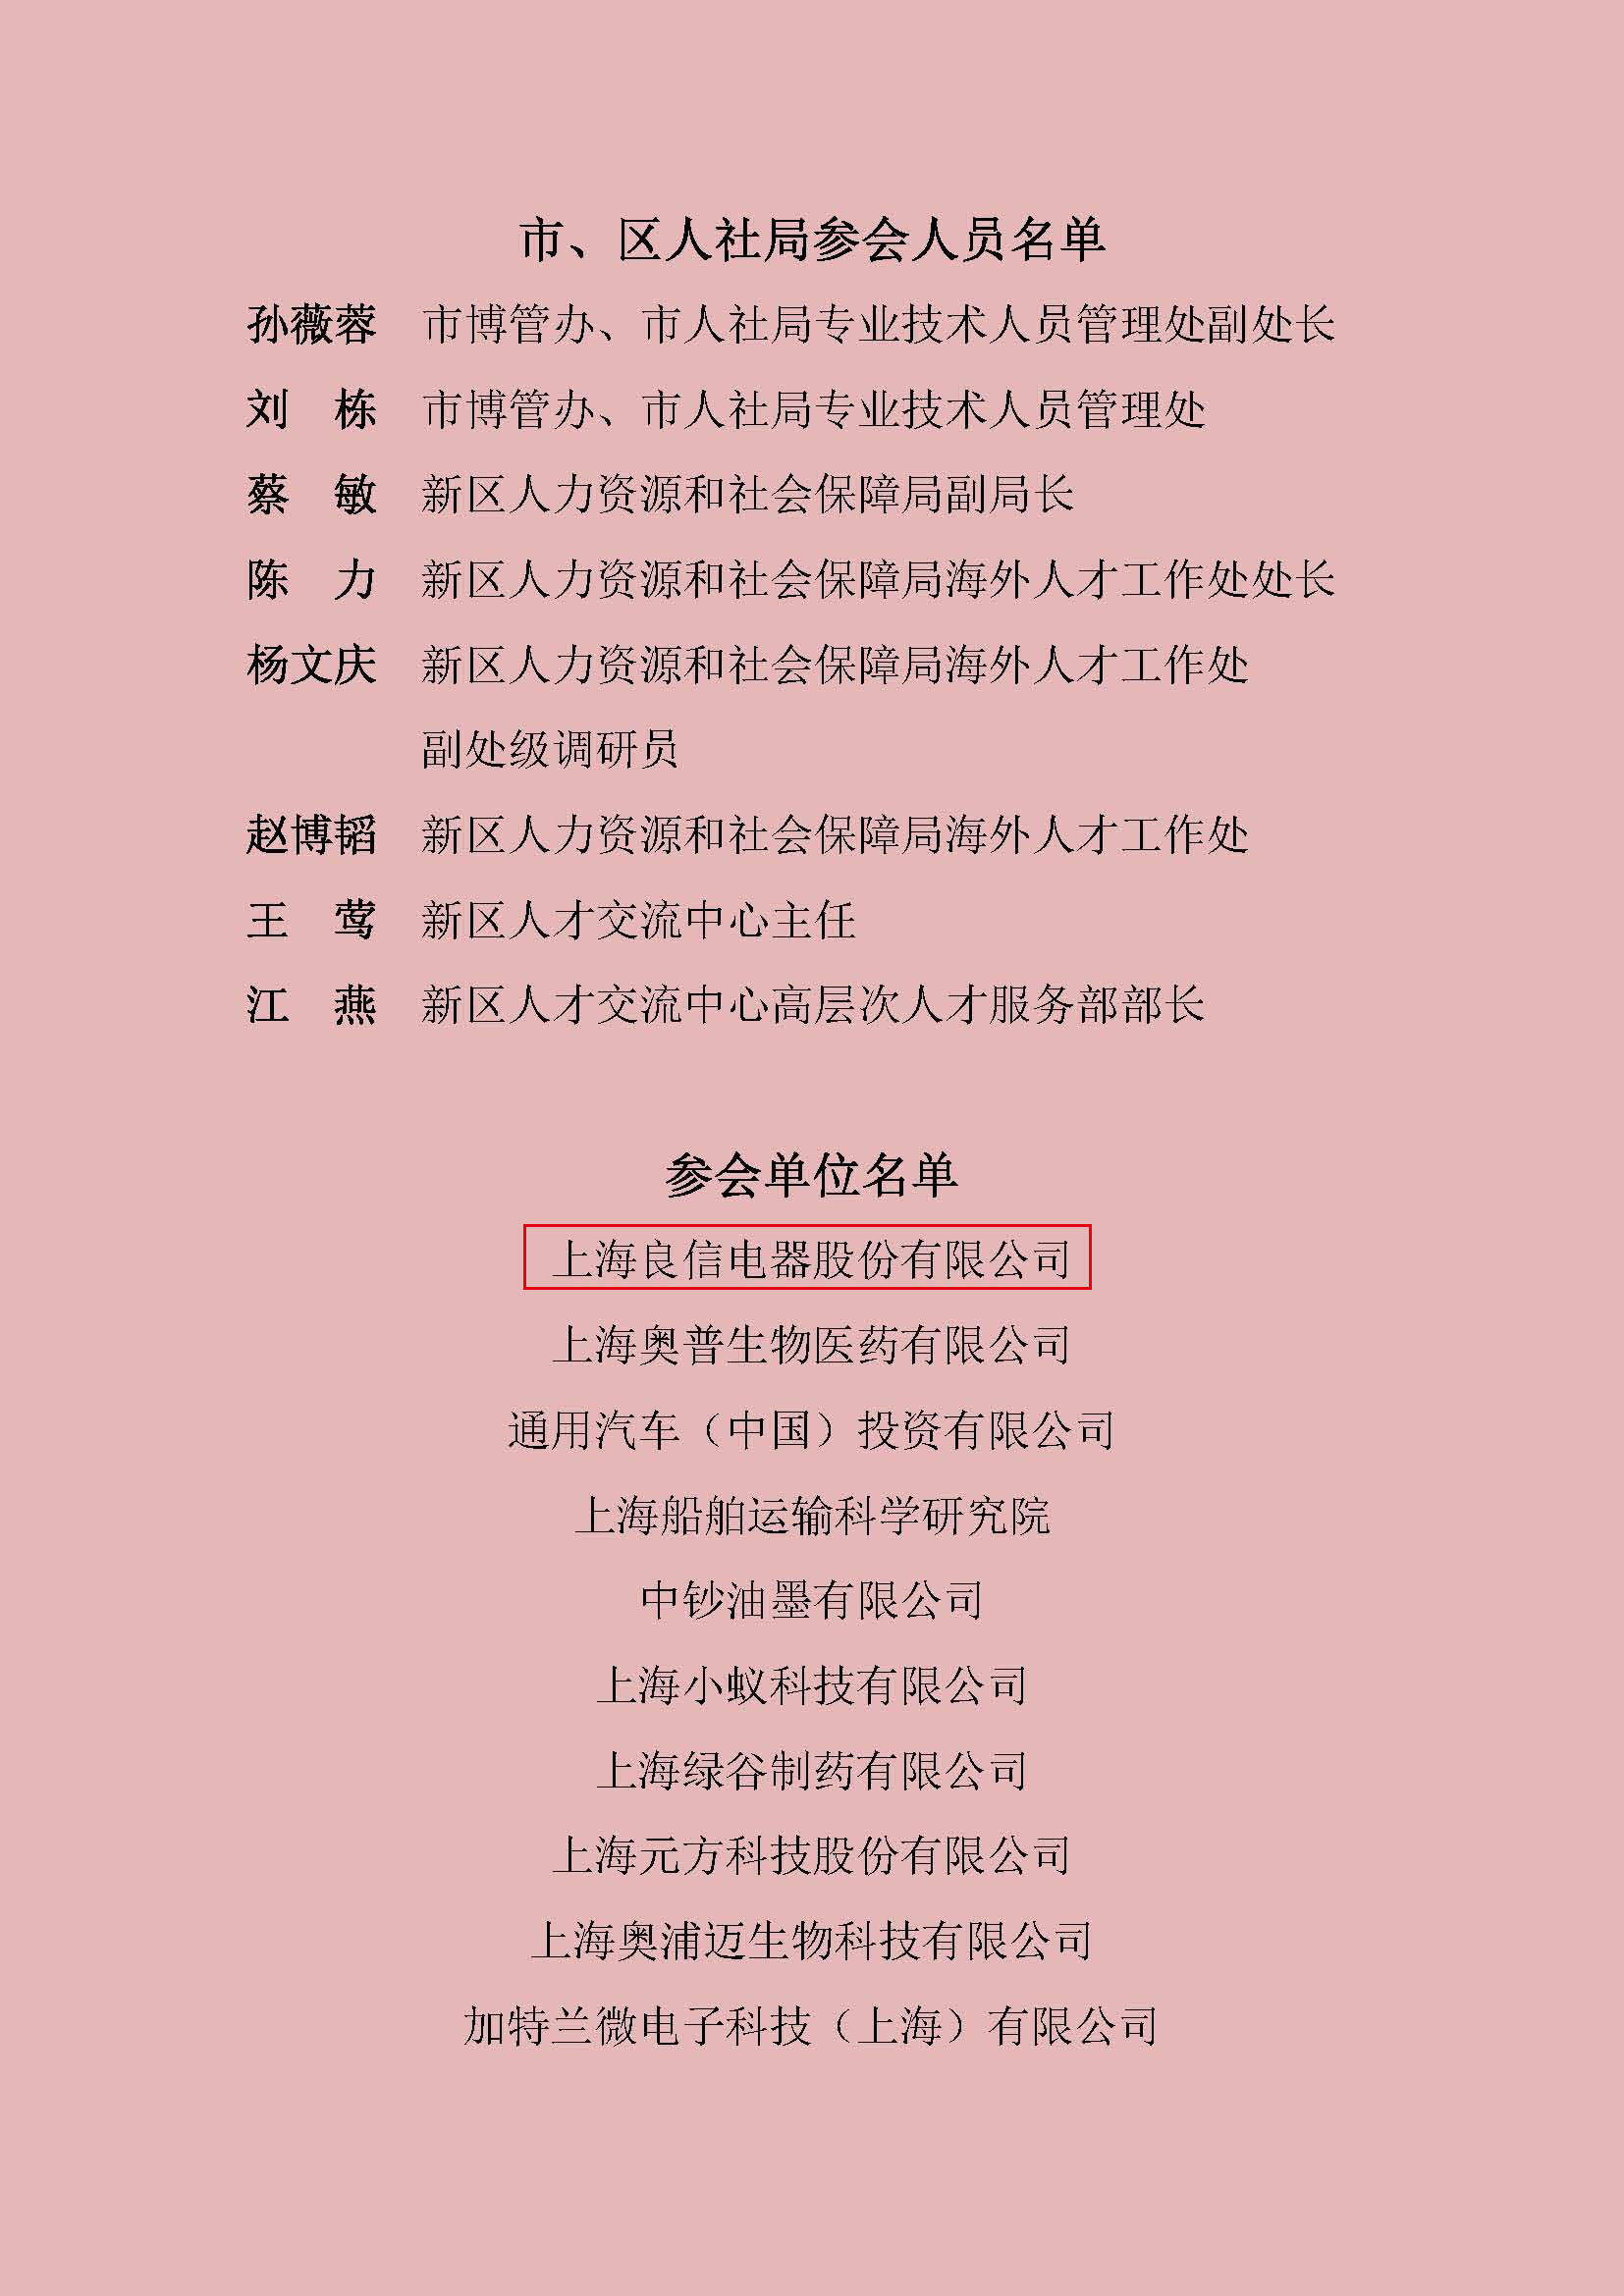 betway必威app_博士后科研工作站.jpg